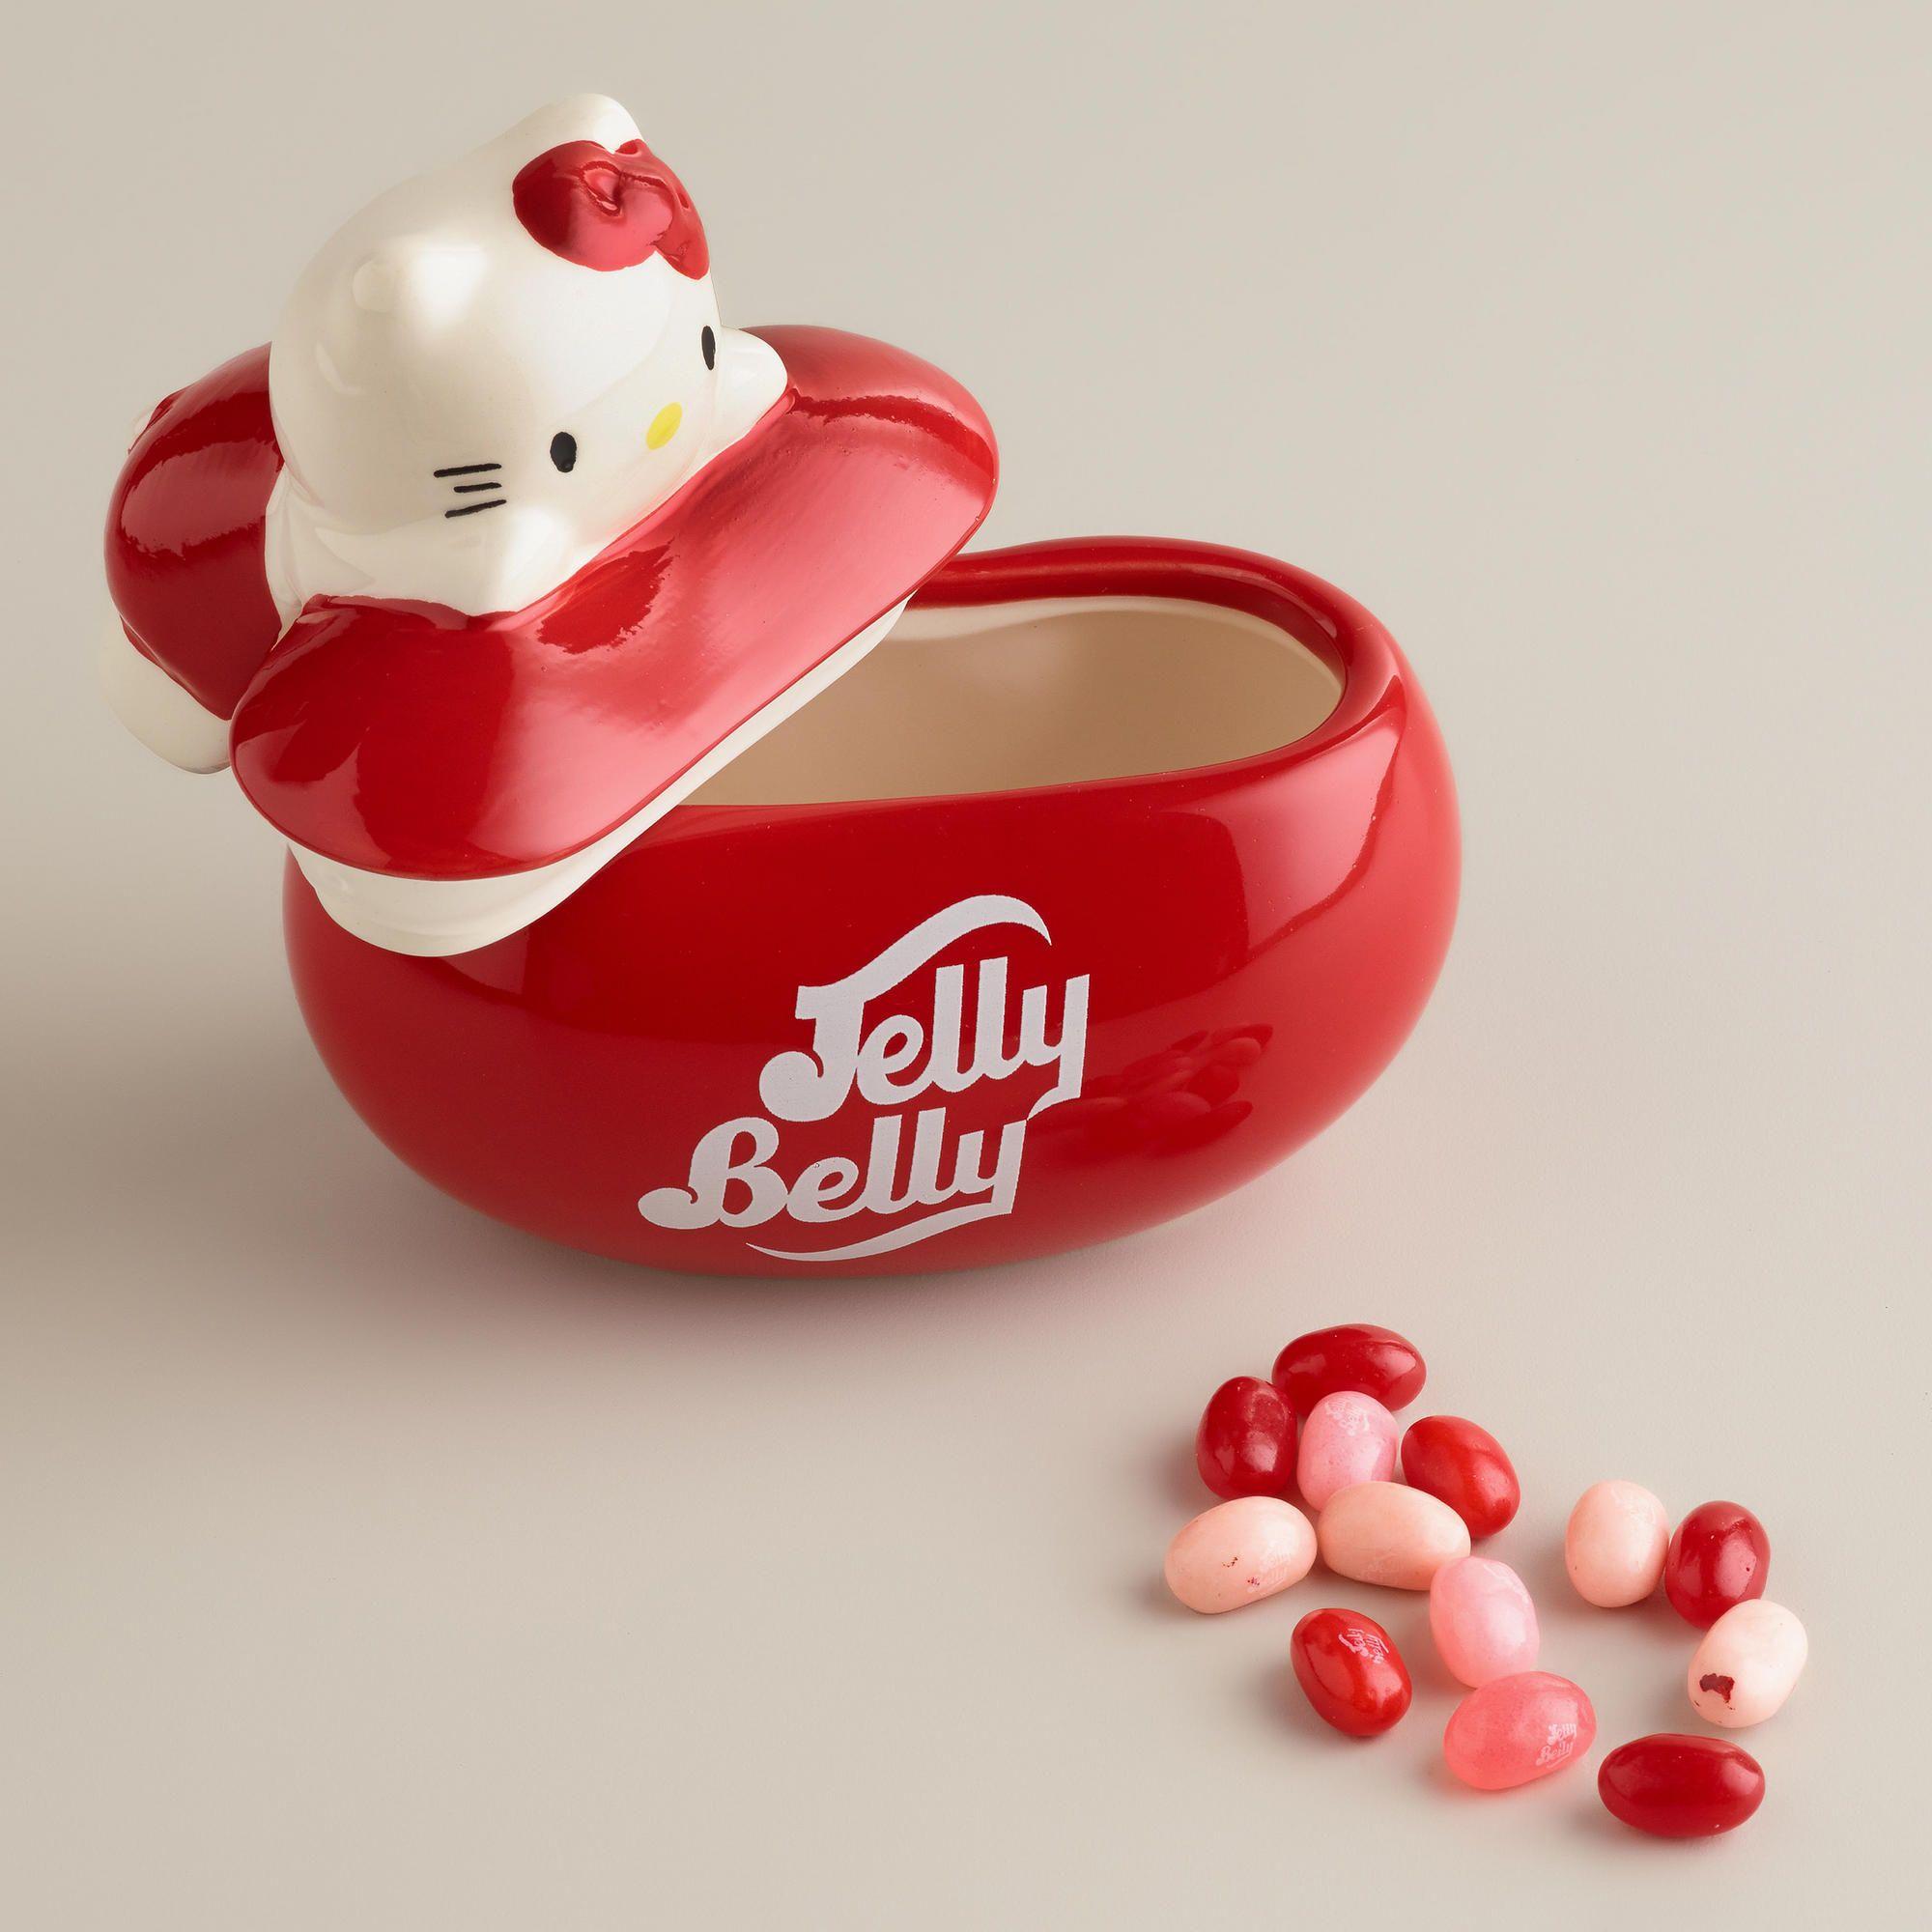 Jelly Belly Hello Kitty Candy World Market Hello Kitty